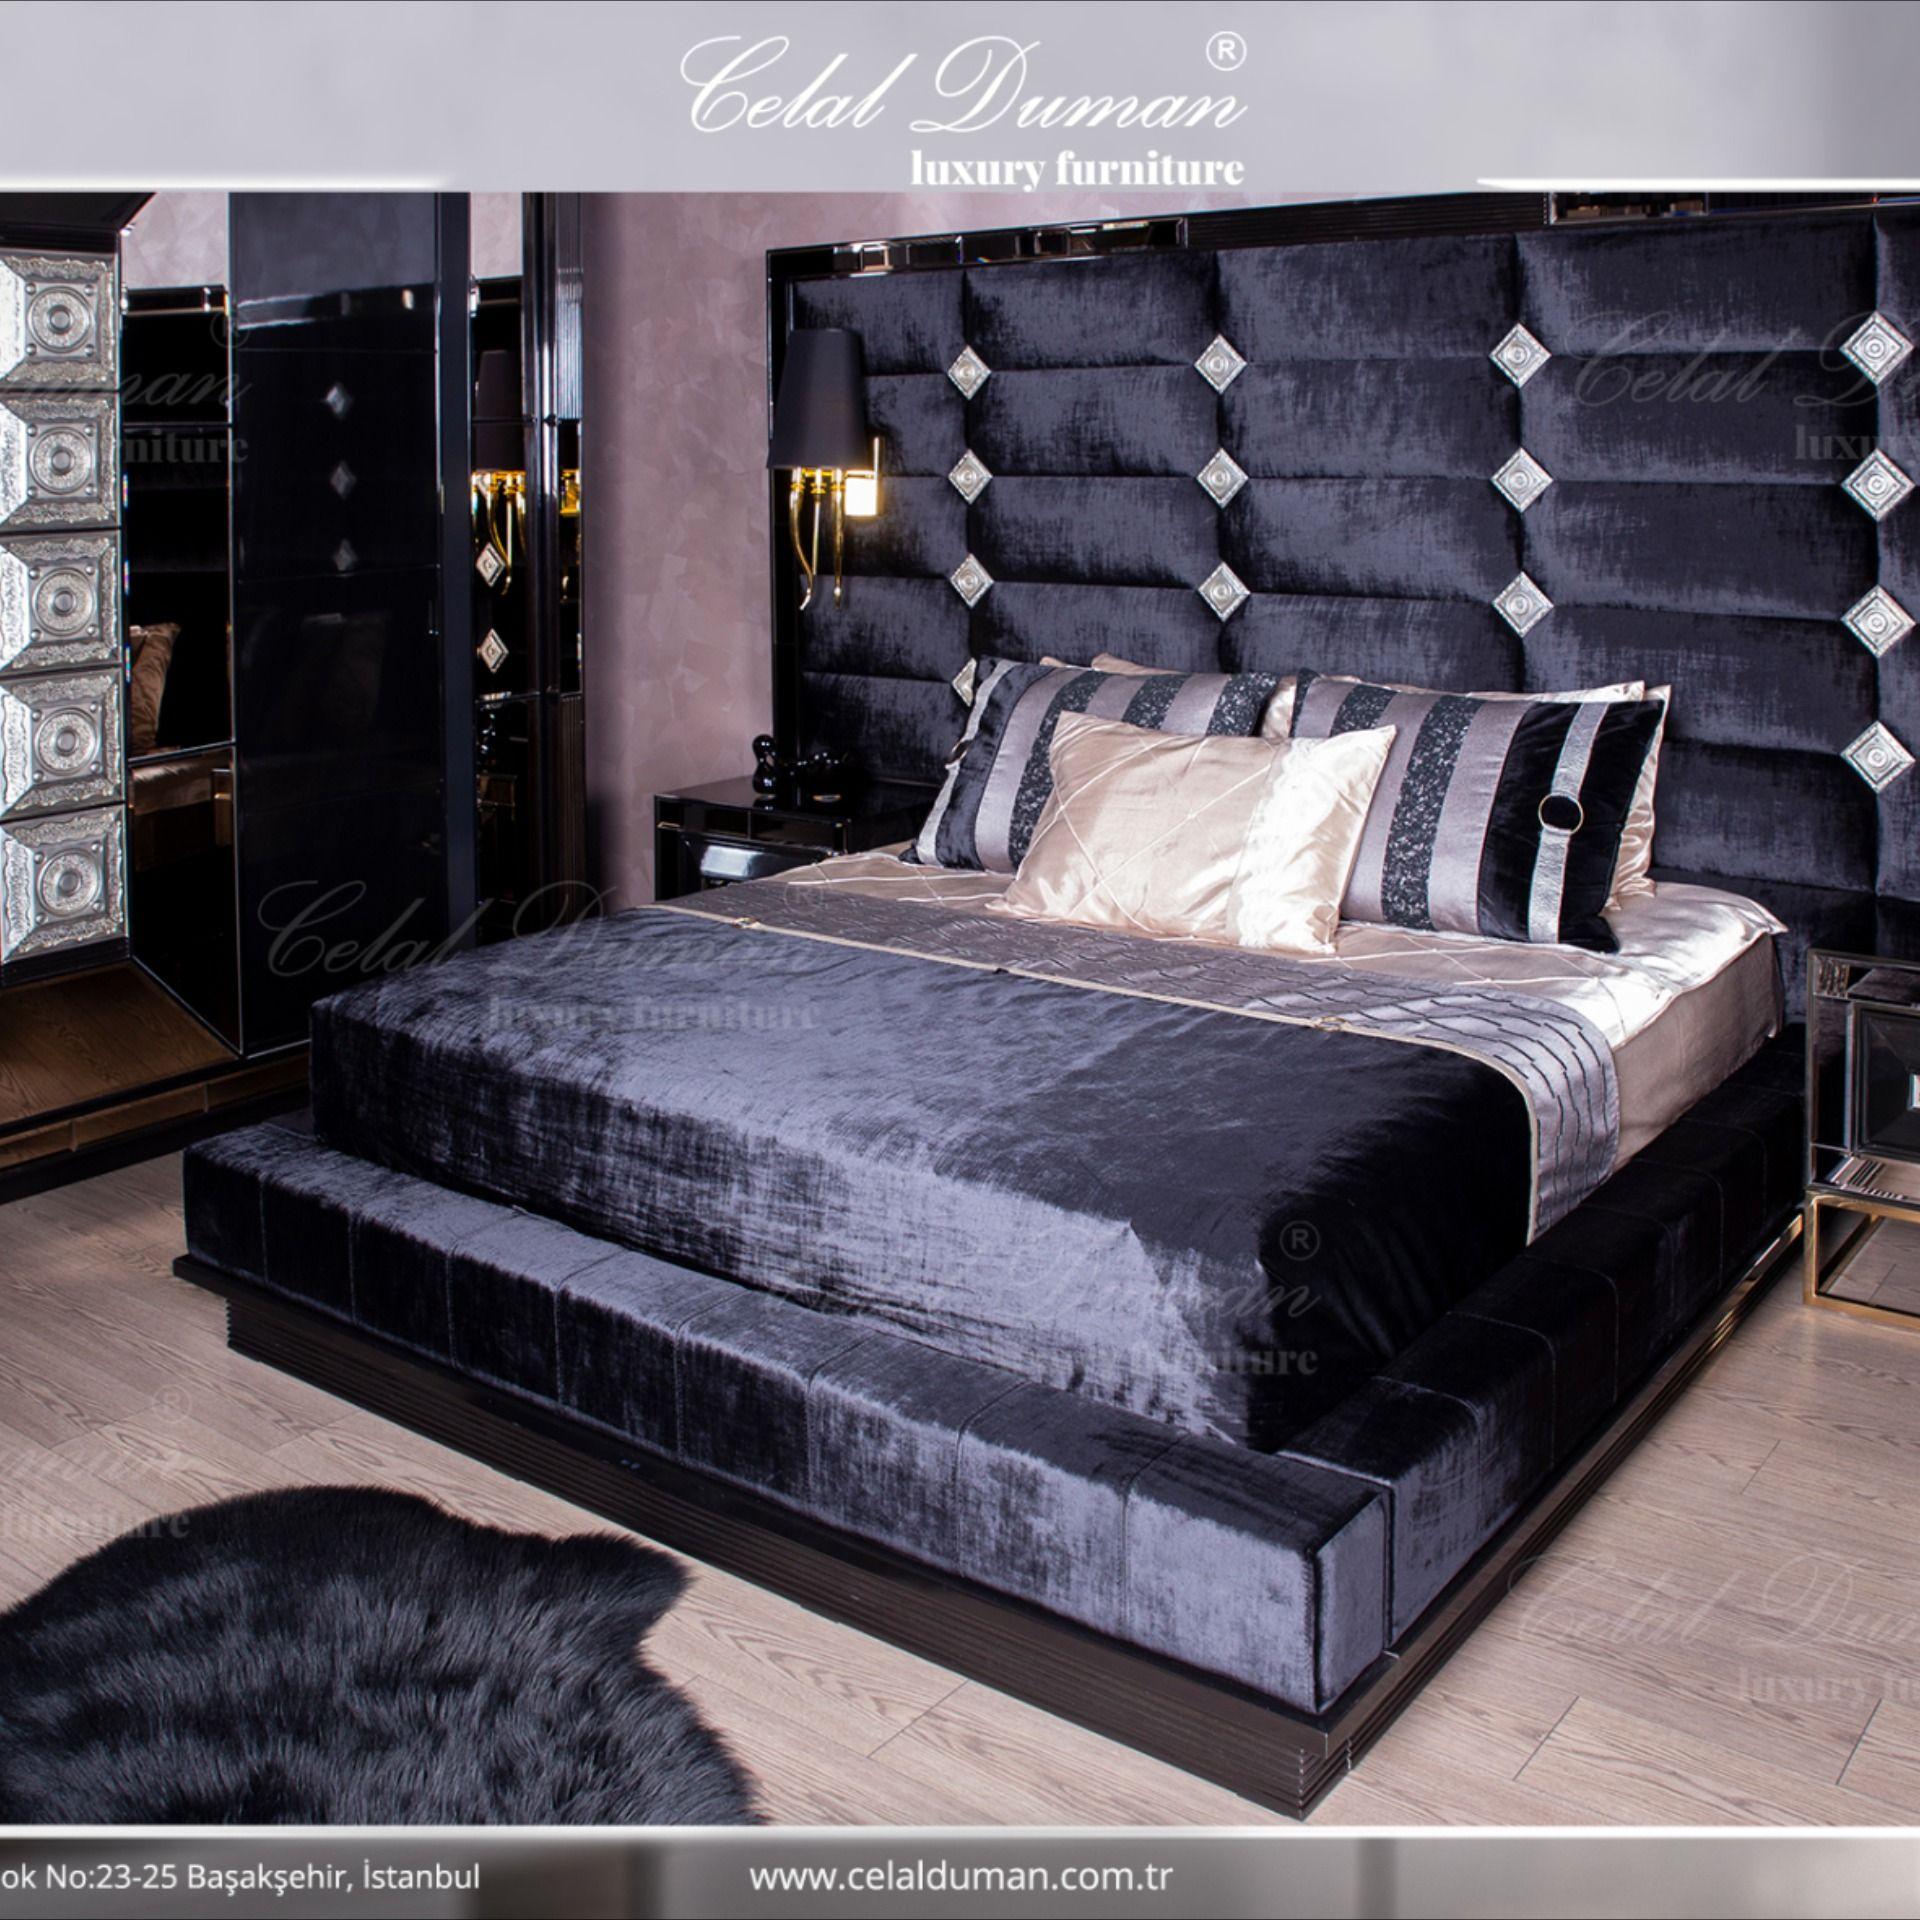 Konforu ve rahatlığı fısıldayan, özel kumaş dokusu ve dizaynı ile hayran bırakan Yatak Odası modellerimizi keşfetmeye ne dersiniz? . . . #celalduman #celaldumanmobilya #mobilya #masko #koltuktakımı #yemekodası #maskomobilyakenti #evdekorasyon #dekorasyonfikirleri #mobilyadekorasyon #luxuryfurniture #modernfurniture #furniture #decor #ofisdekorasyon #evdekor #projects #köşekoltuk #tvunited #design #yemekodası #yatakodası #interiordesign